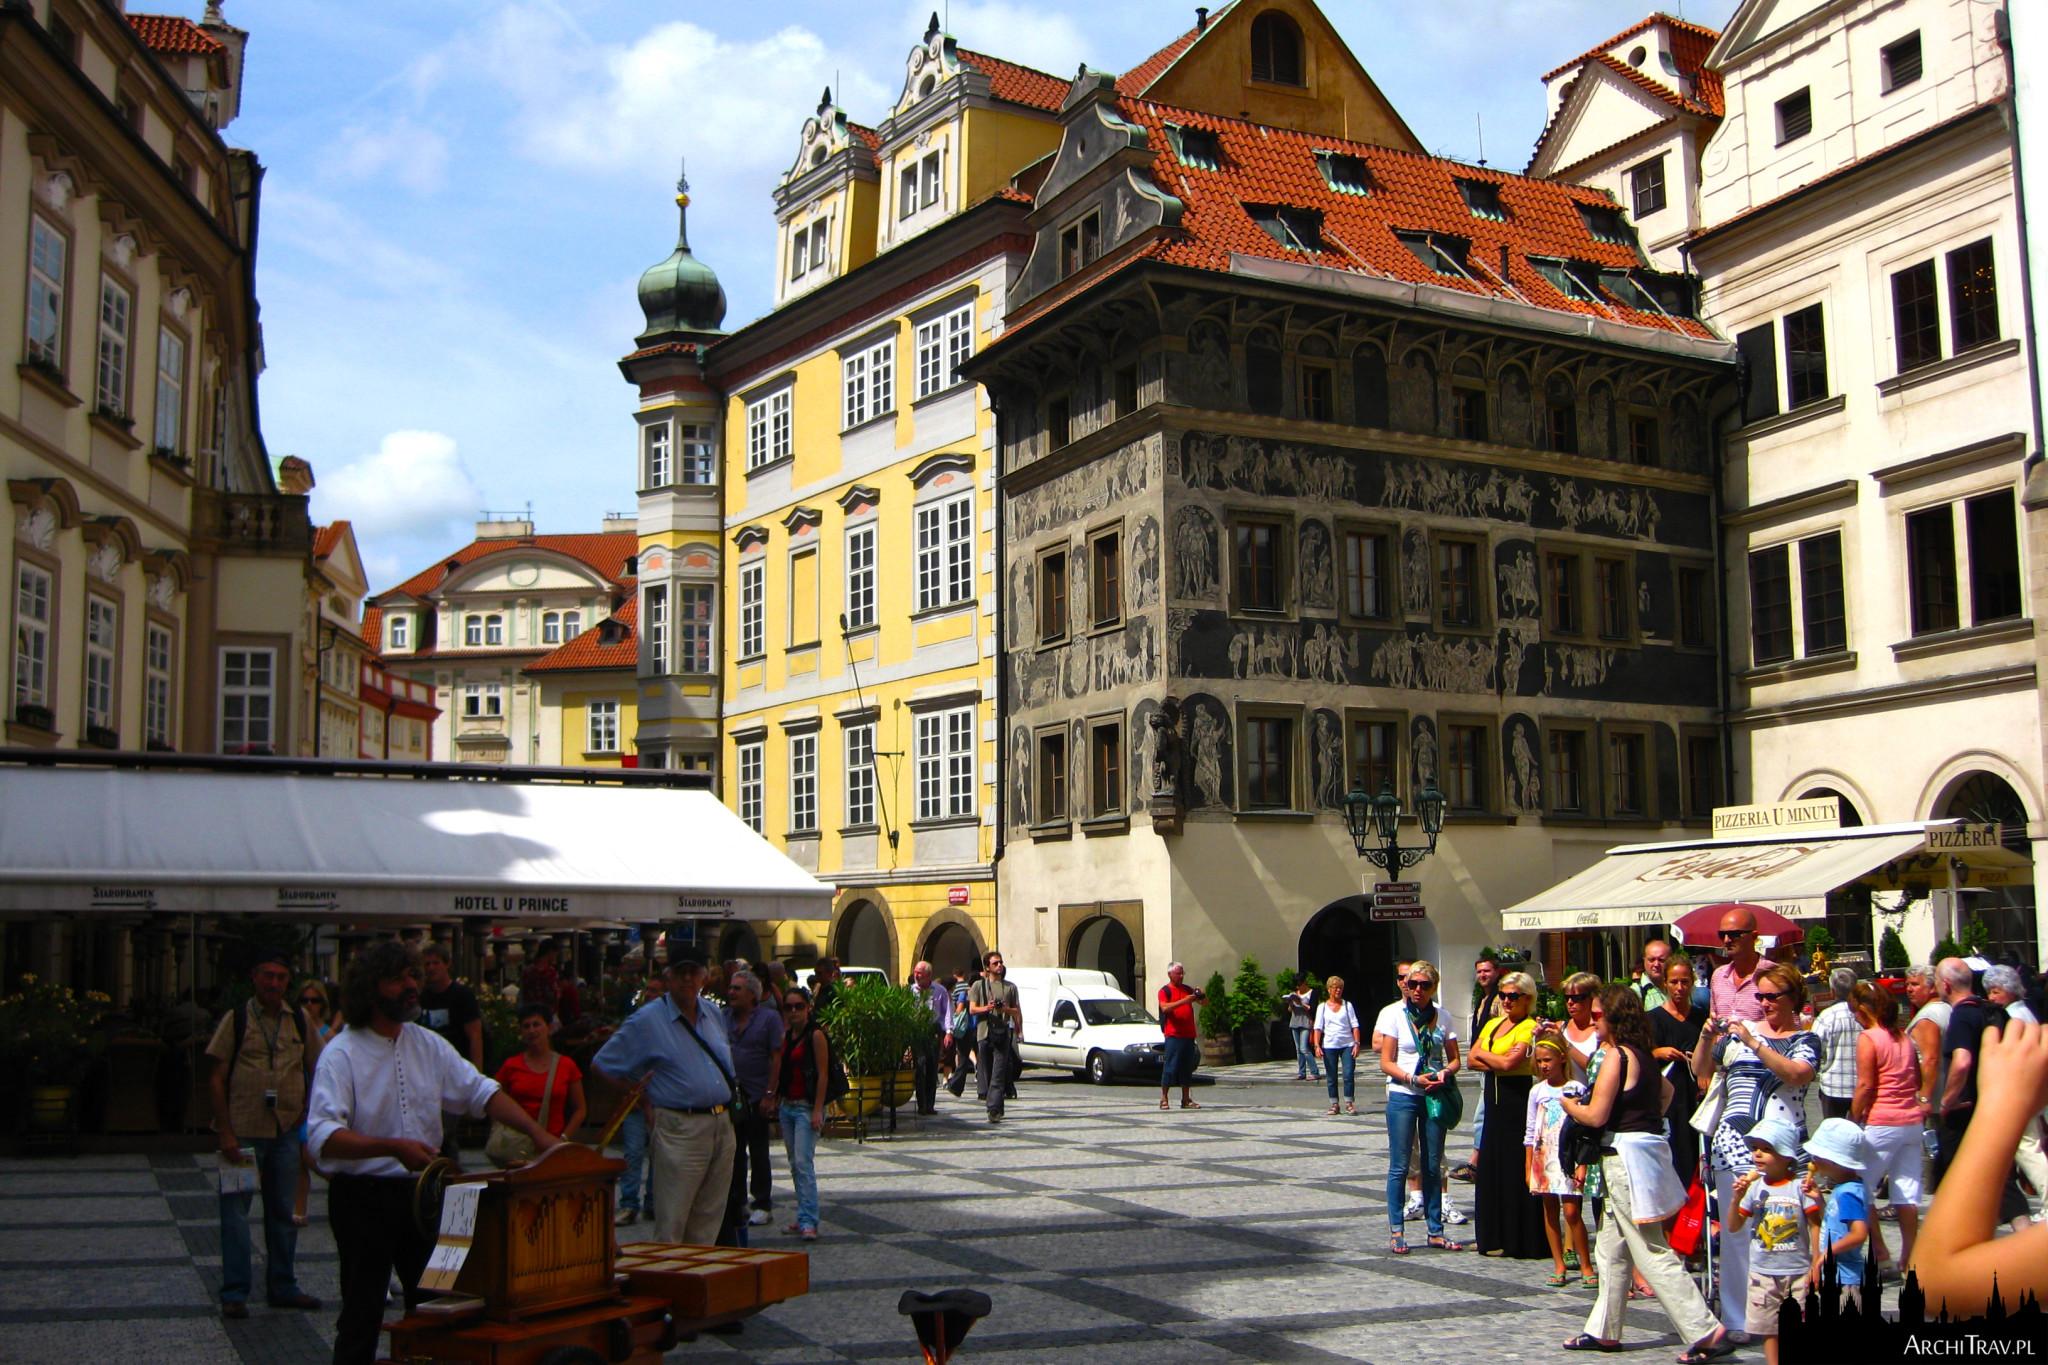 słoneczny dzień na Placu Staromiejskim w Pradze, po lewej grajek, po prawej wielu gapiów